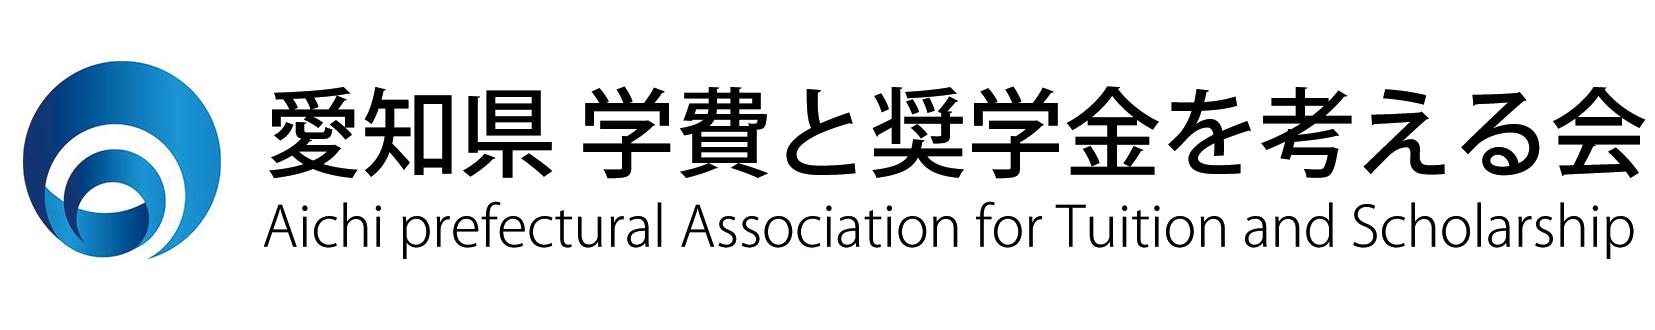 愛知県 学費と奨学金を考える会